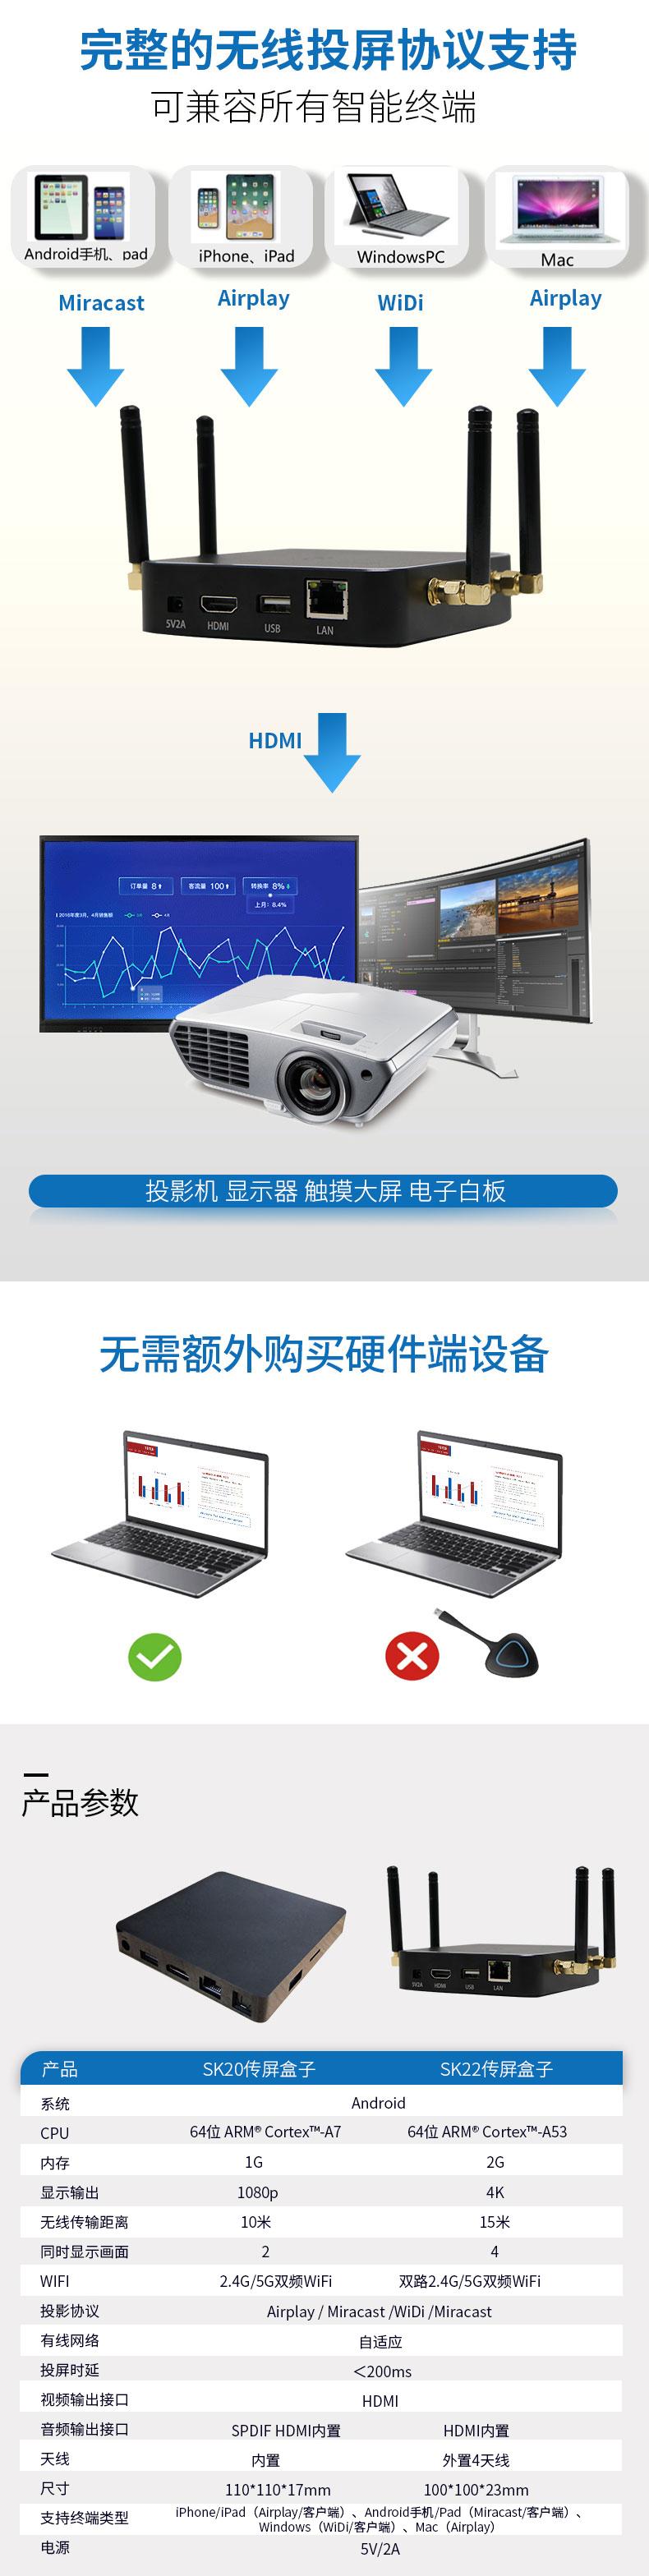 产品扩容 佐西卡推出企业级无线传输盒子SK20与SK22-视听圈